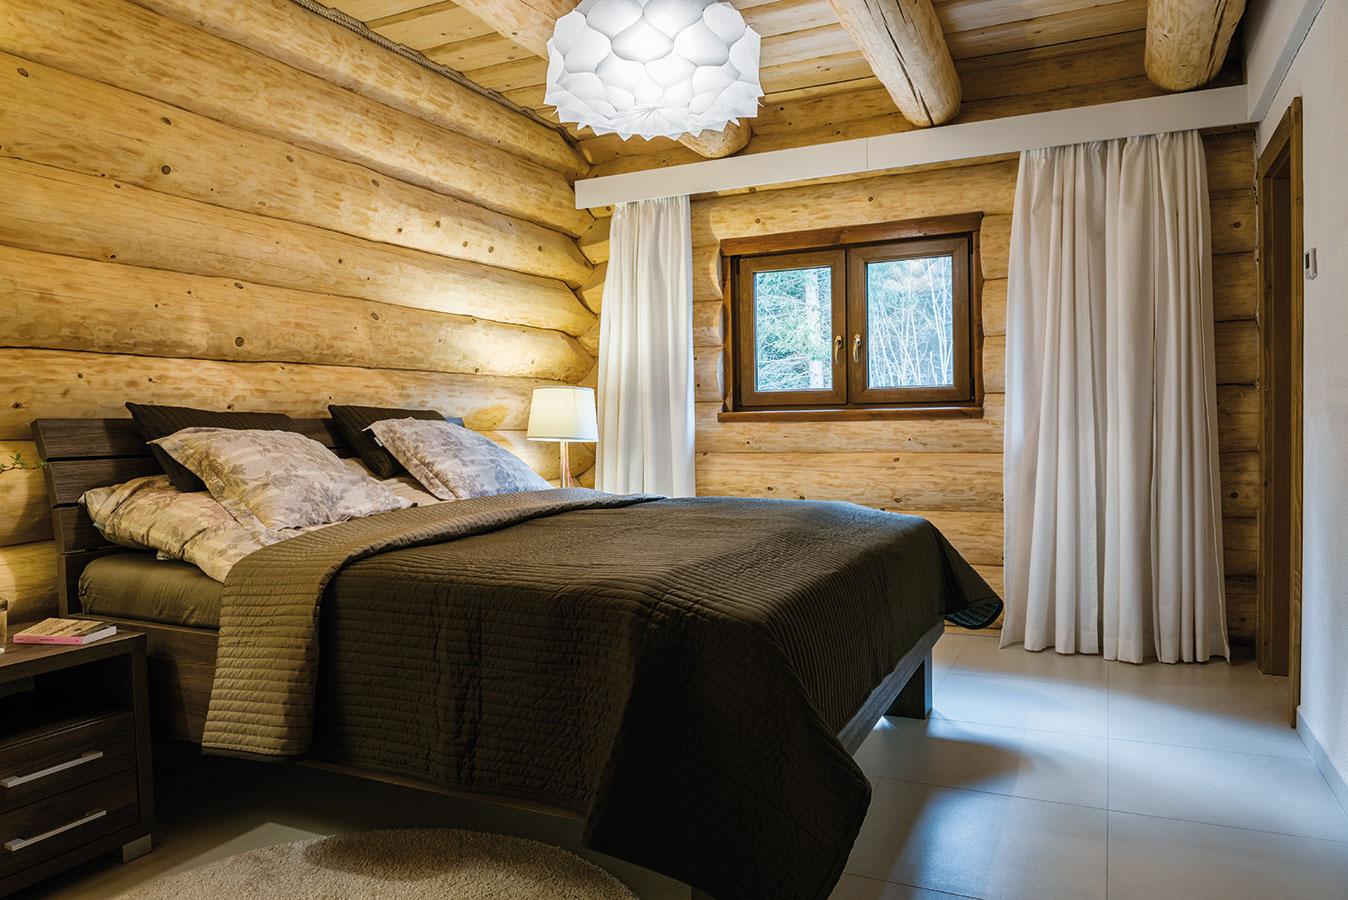 Hlavná spálňa je zariadená jednoducho aúčelne. Zariadenie, svietidlá atextílie vpokojných tónoch hnedej, sivej abéžovej navodzujú spolu sovšadeprítomným drevom pocit útulnosti.